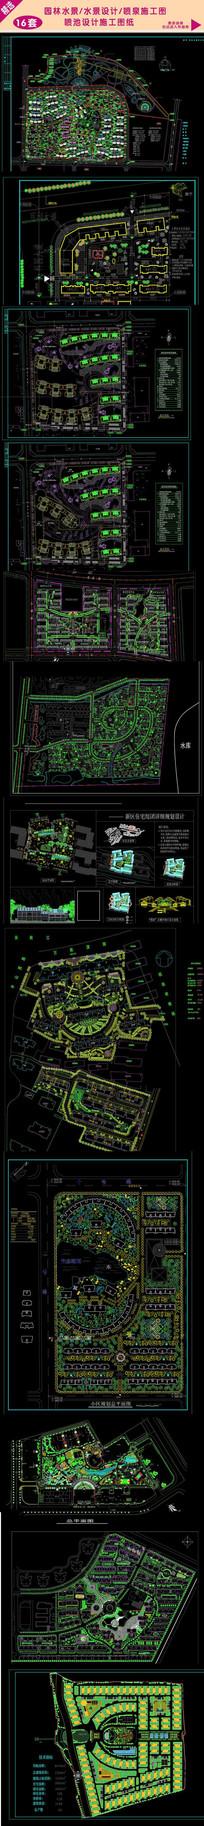 园林平面图 地产规划平面图 dwg